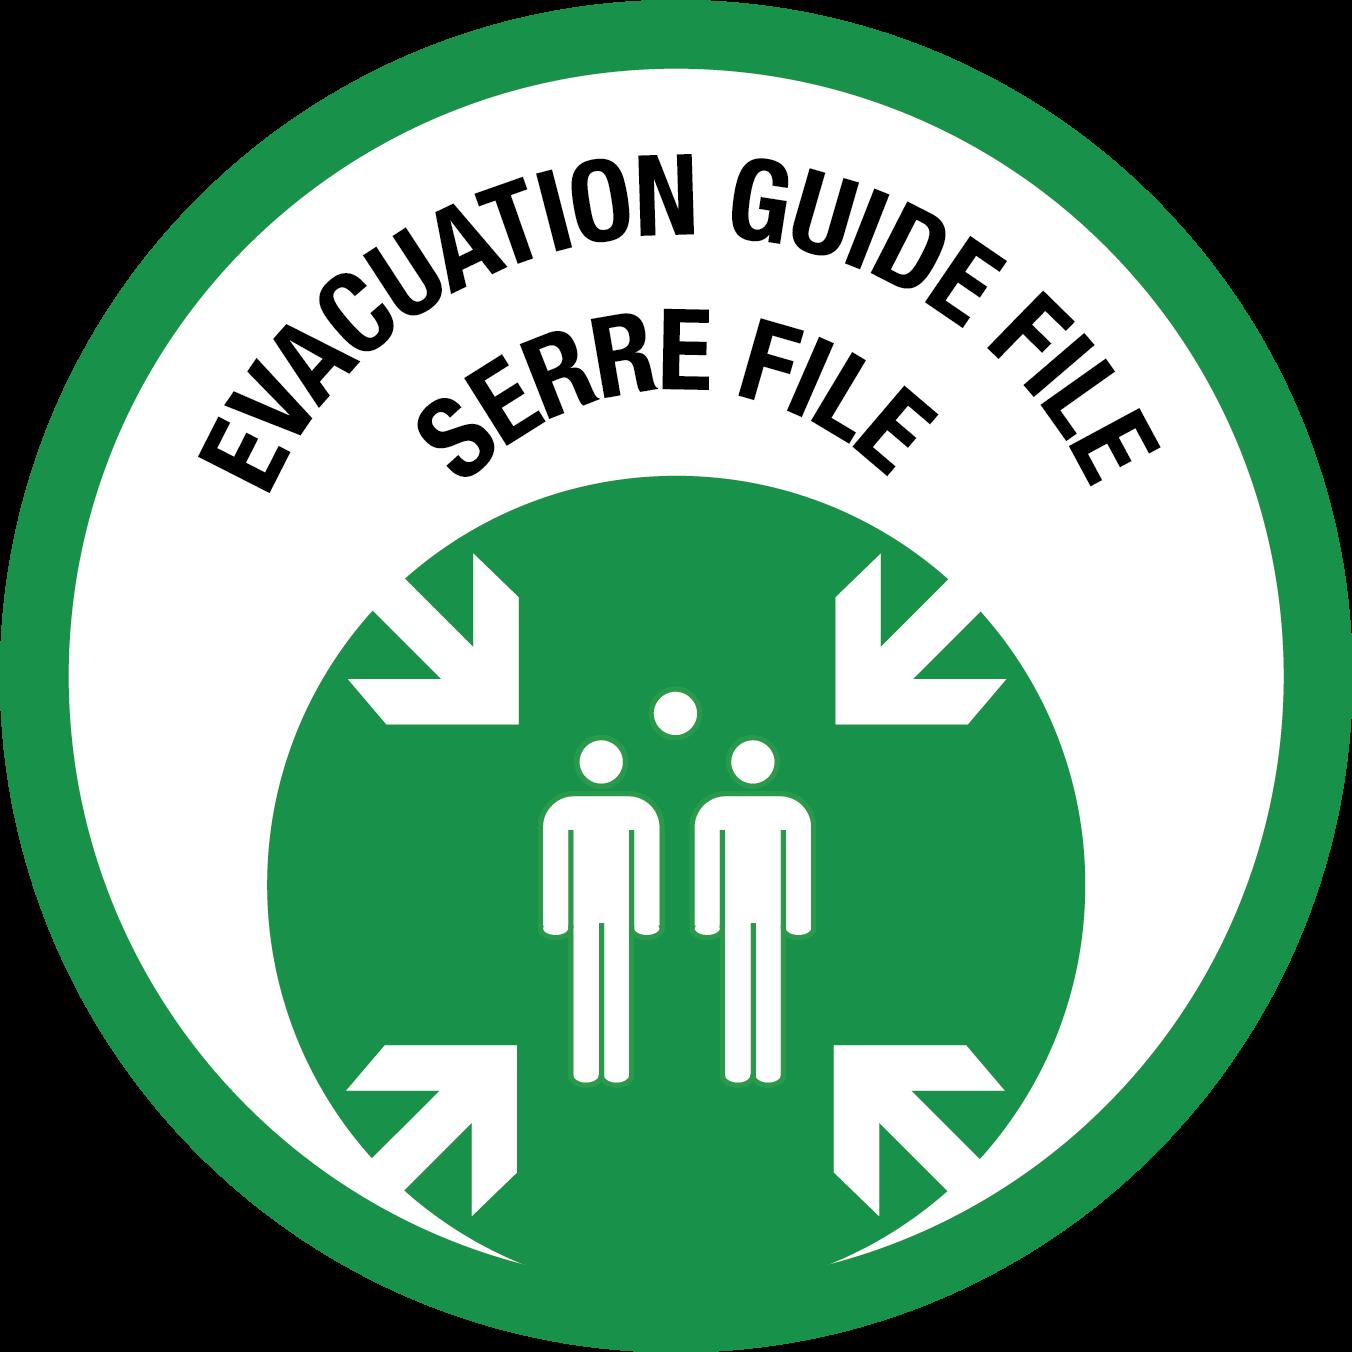 formation-evacuation-guide-serre-fil-entreprises-formation-incendie-france